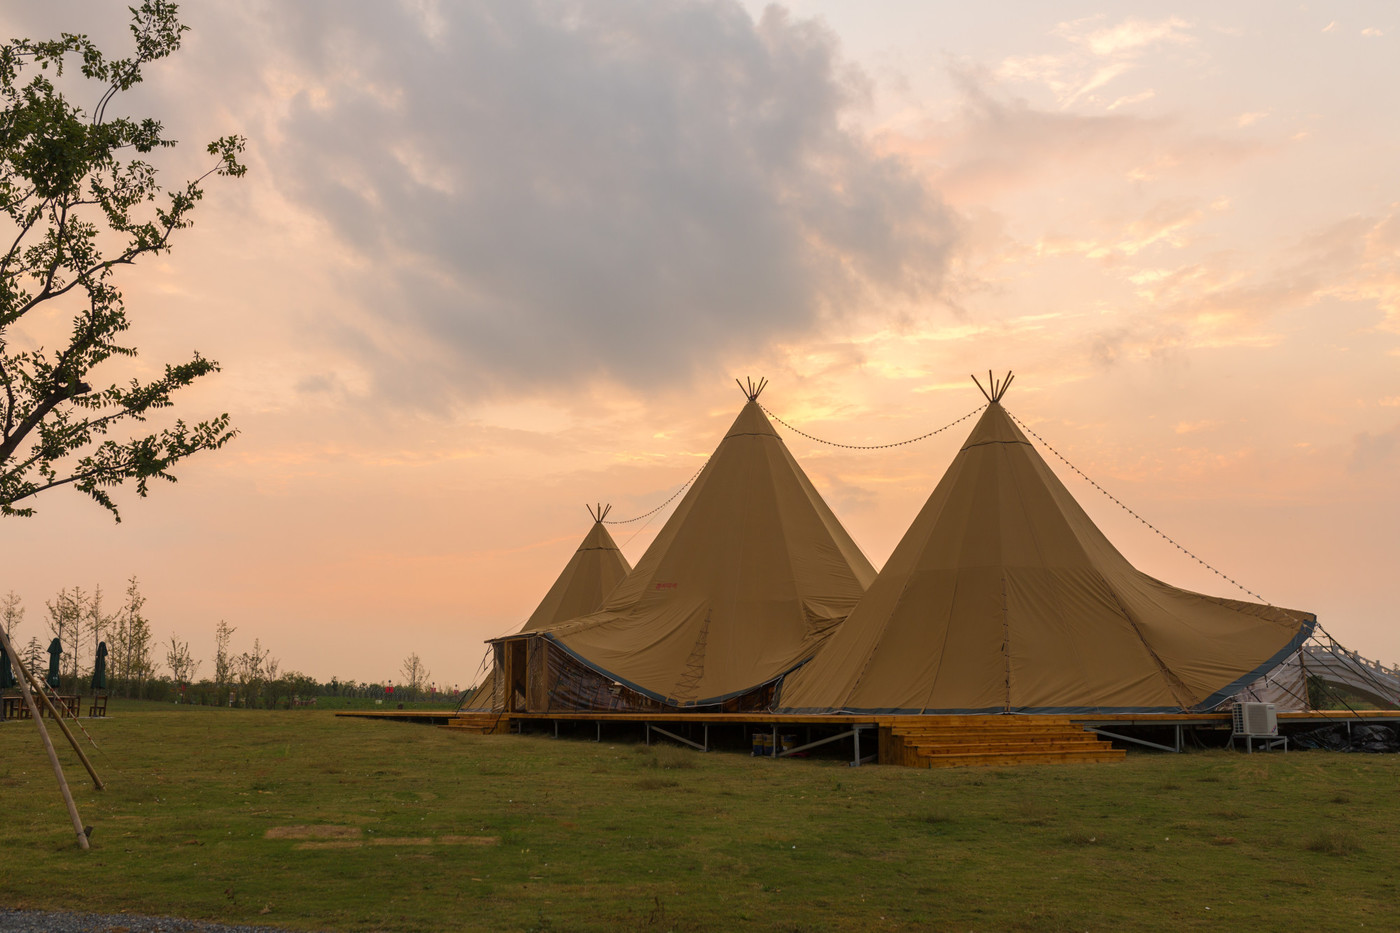 喜马拉雅印第安多功能大厅帐篷酒店16